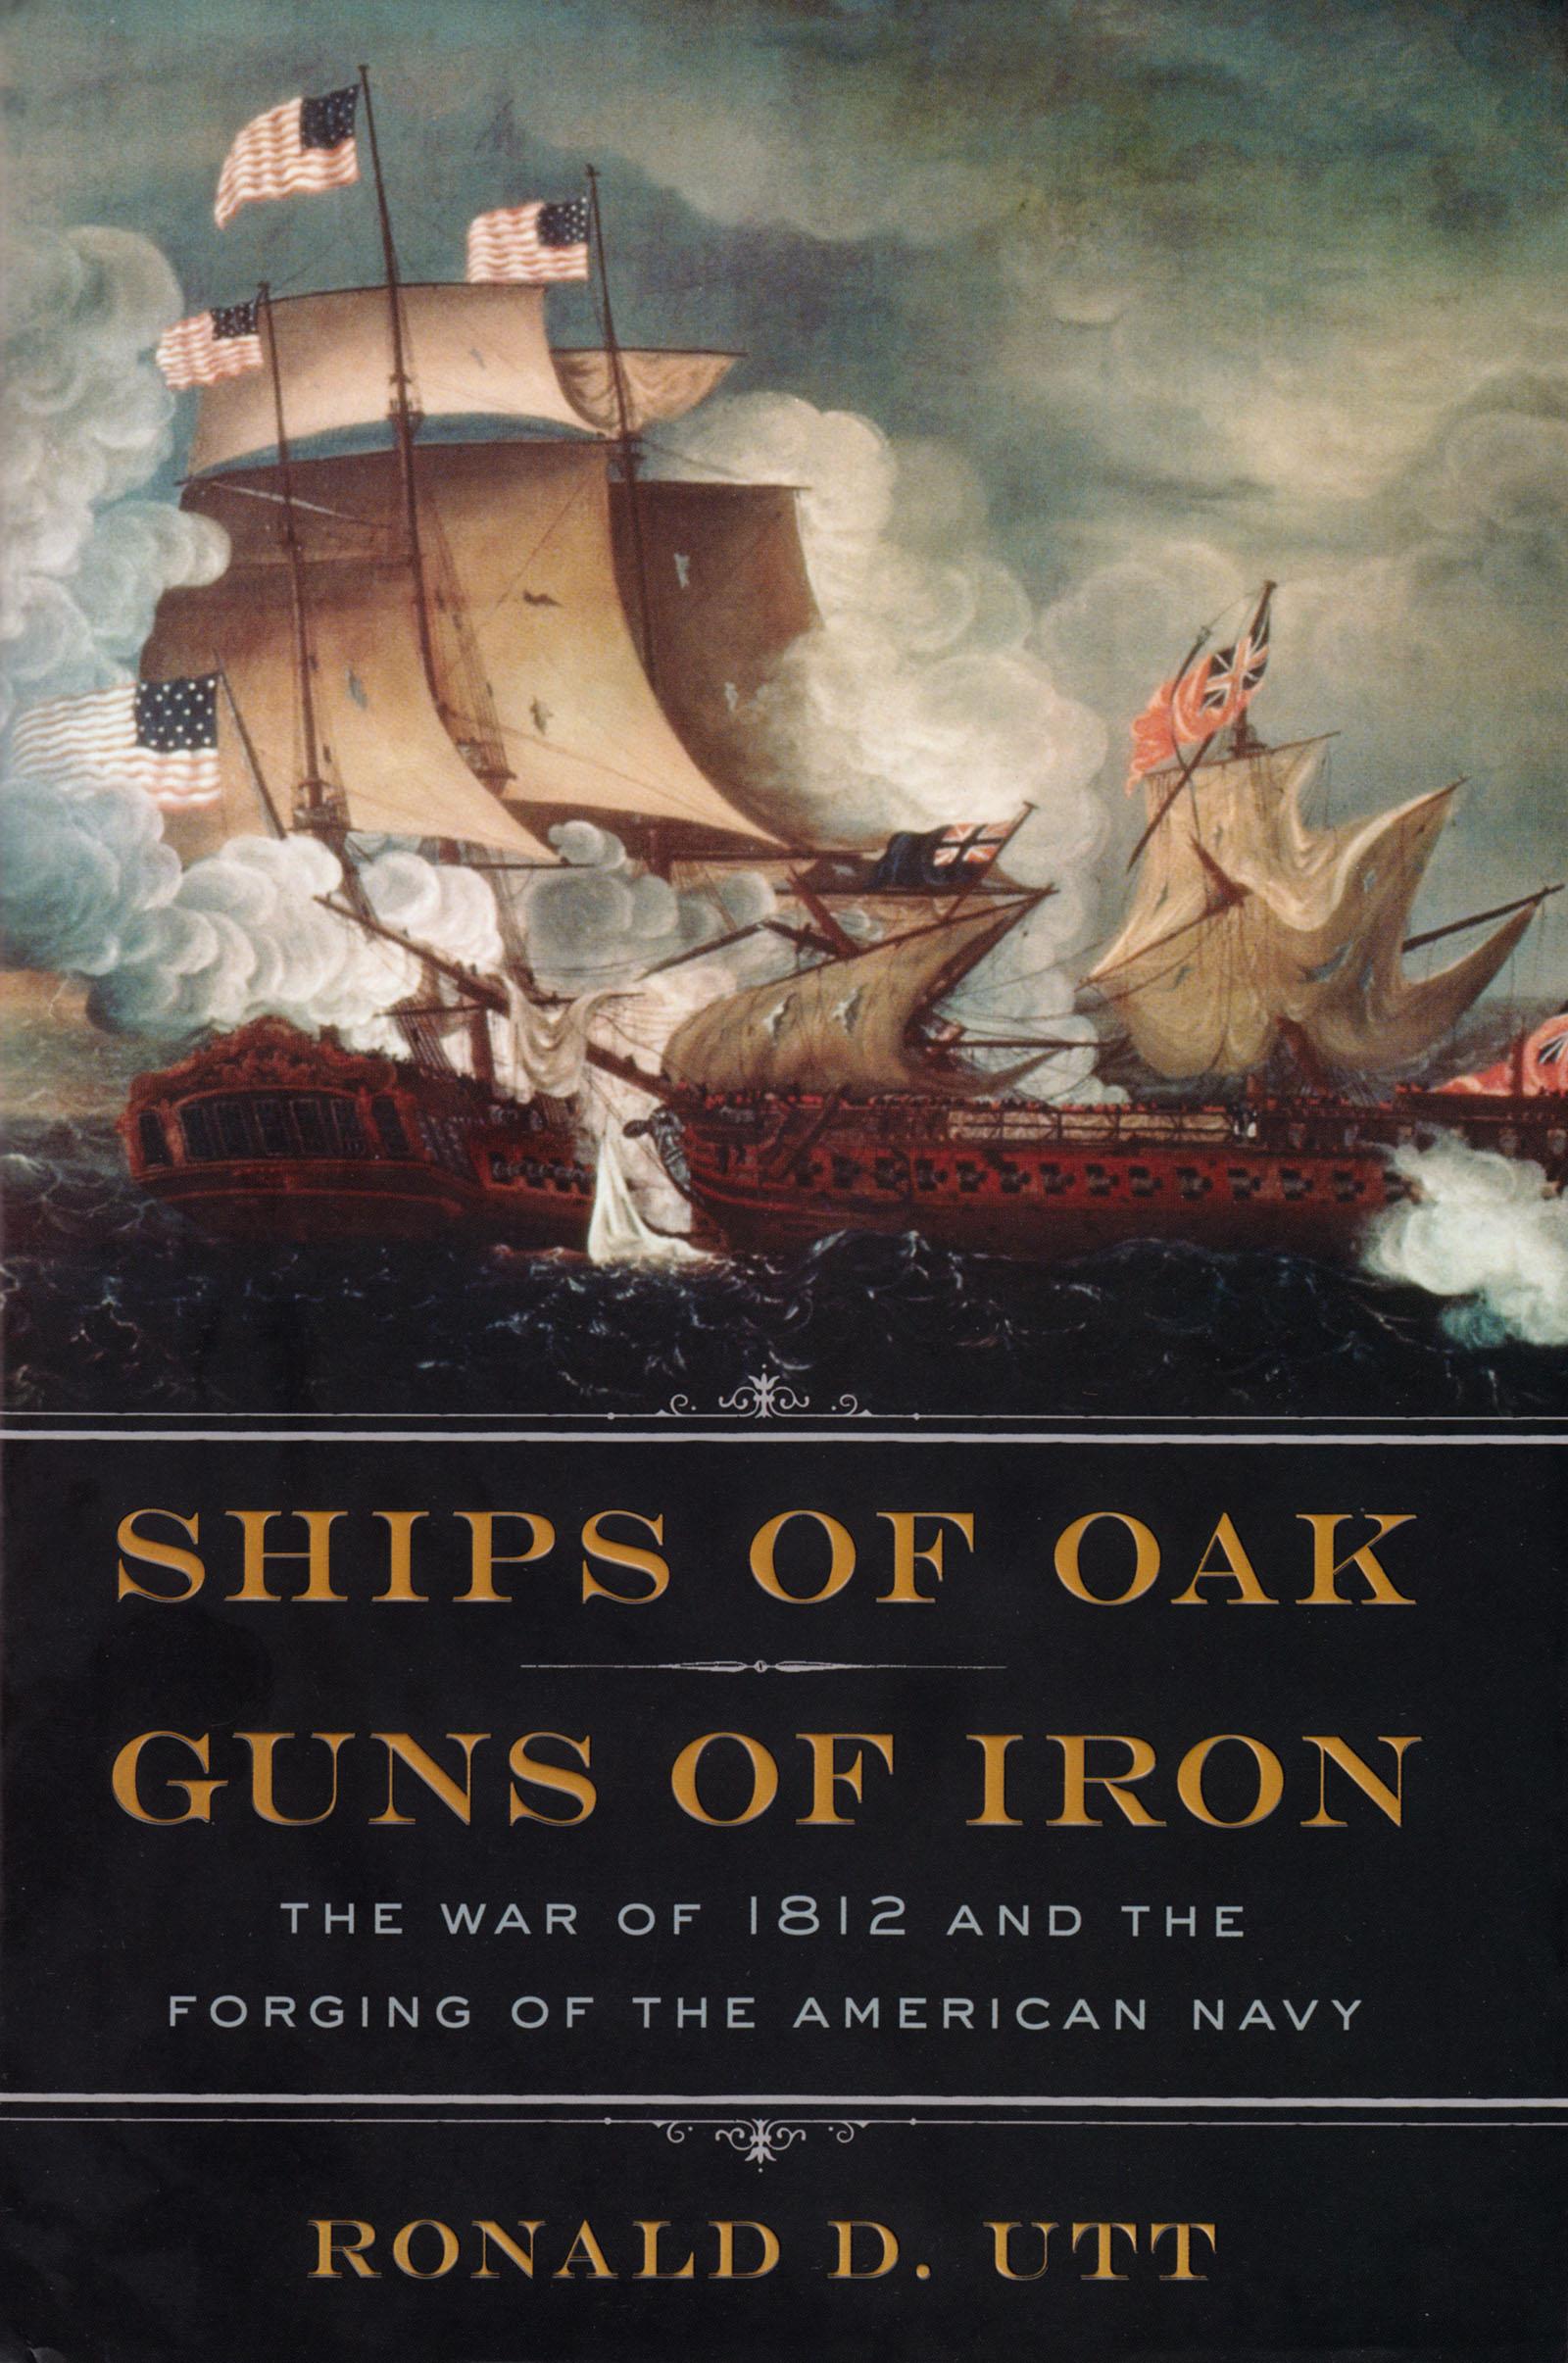 Ships of Oak, Guns of Iron by Ronald Utt